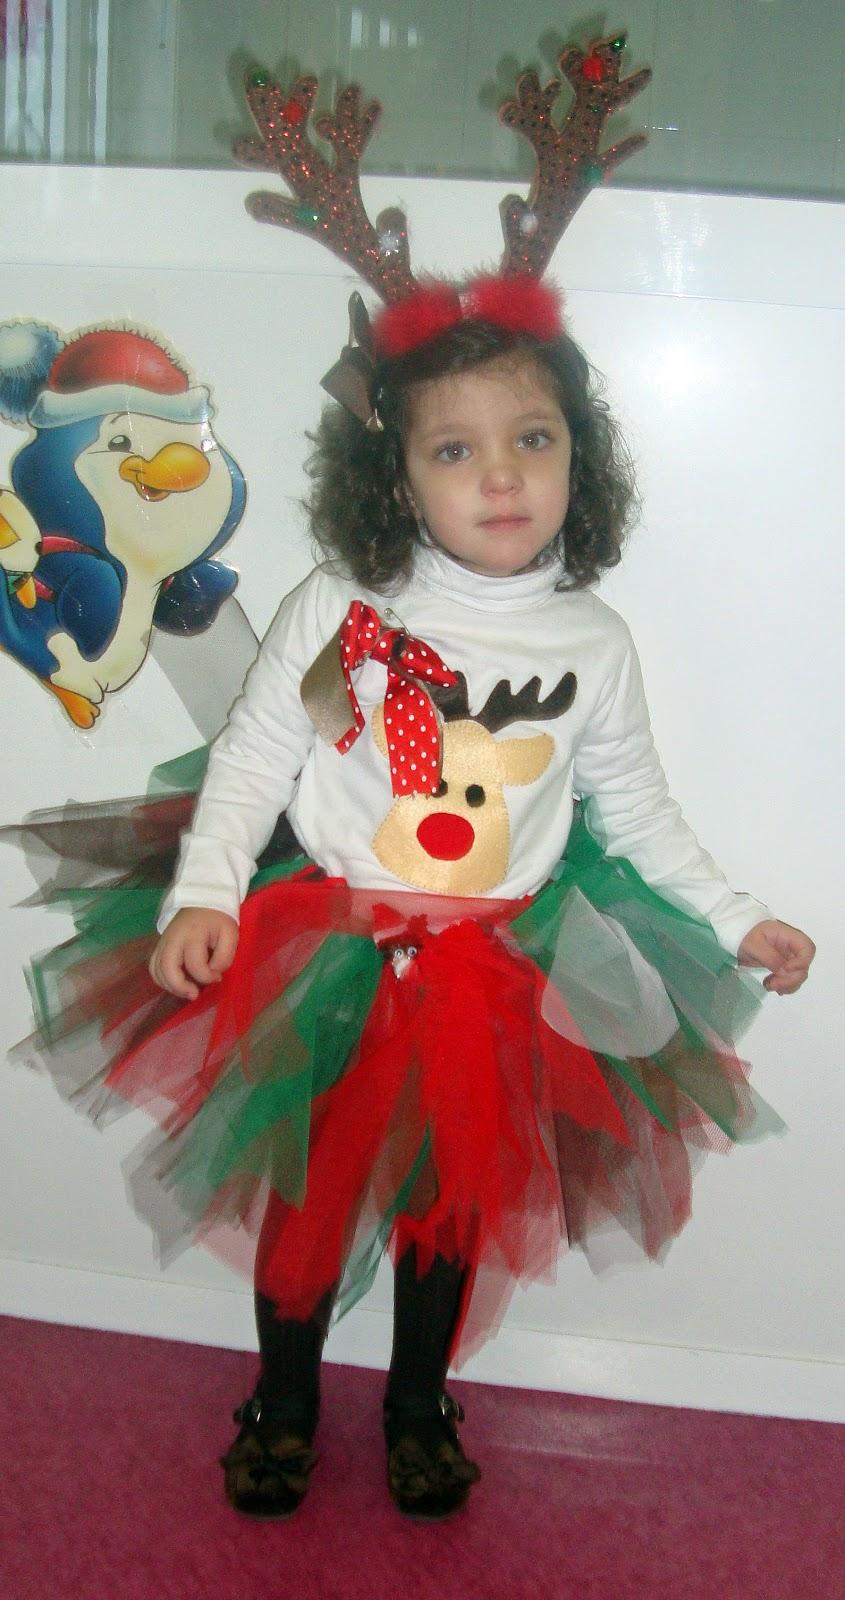 El vestidor de mi princesa colecci n disfraces disfraz - Disfraz de reno nina ...